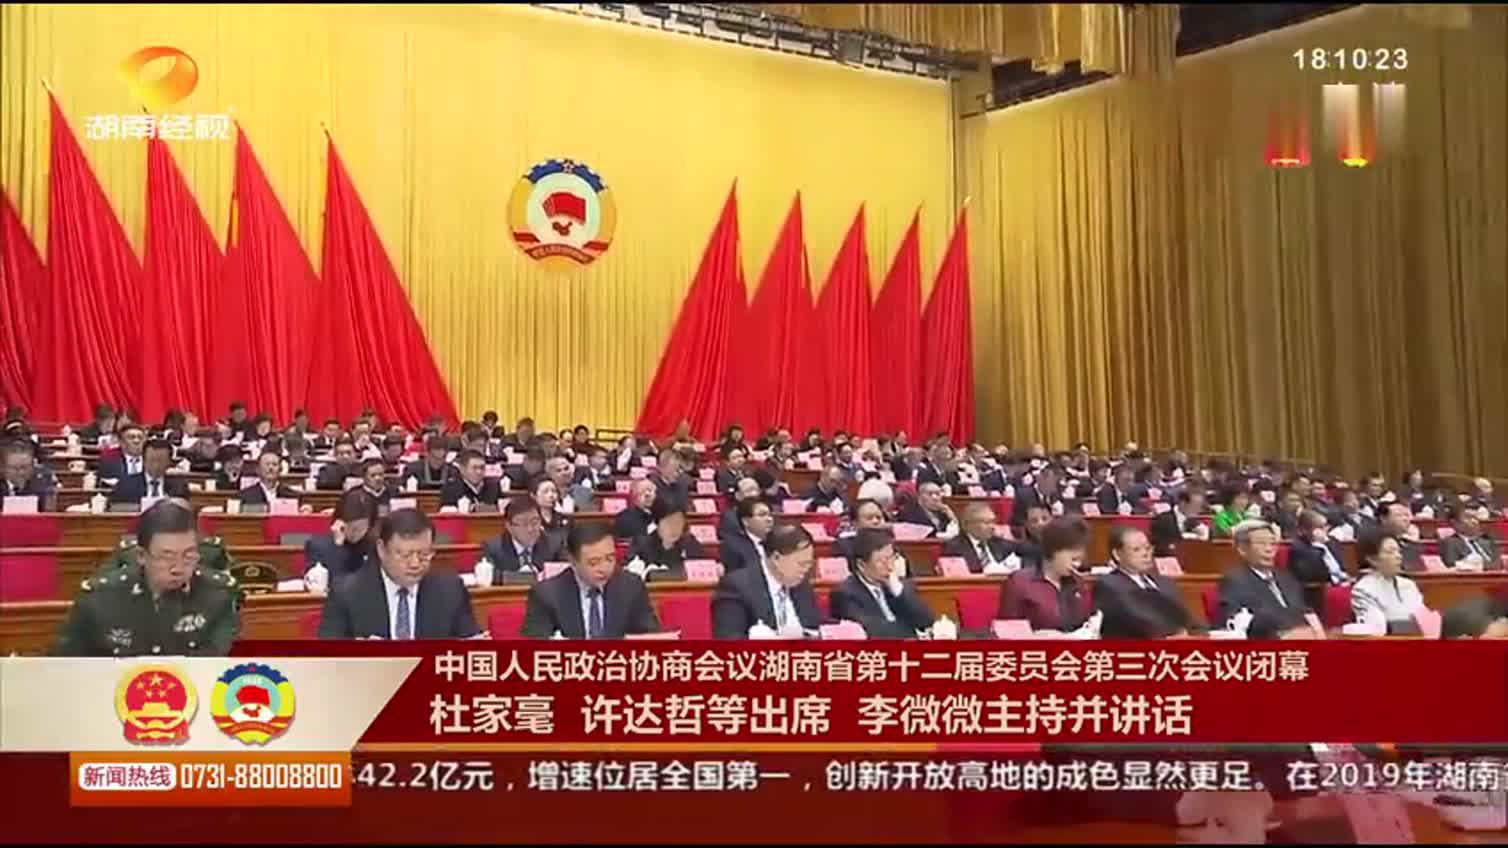 中国人民政治协商会议湖南省第十二届委员会第三次会议闭幕 杜家毫 许达哲等出席 李微微主持并讲话